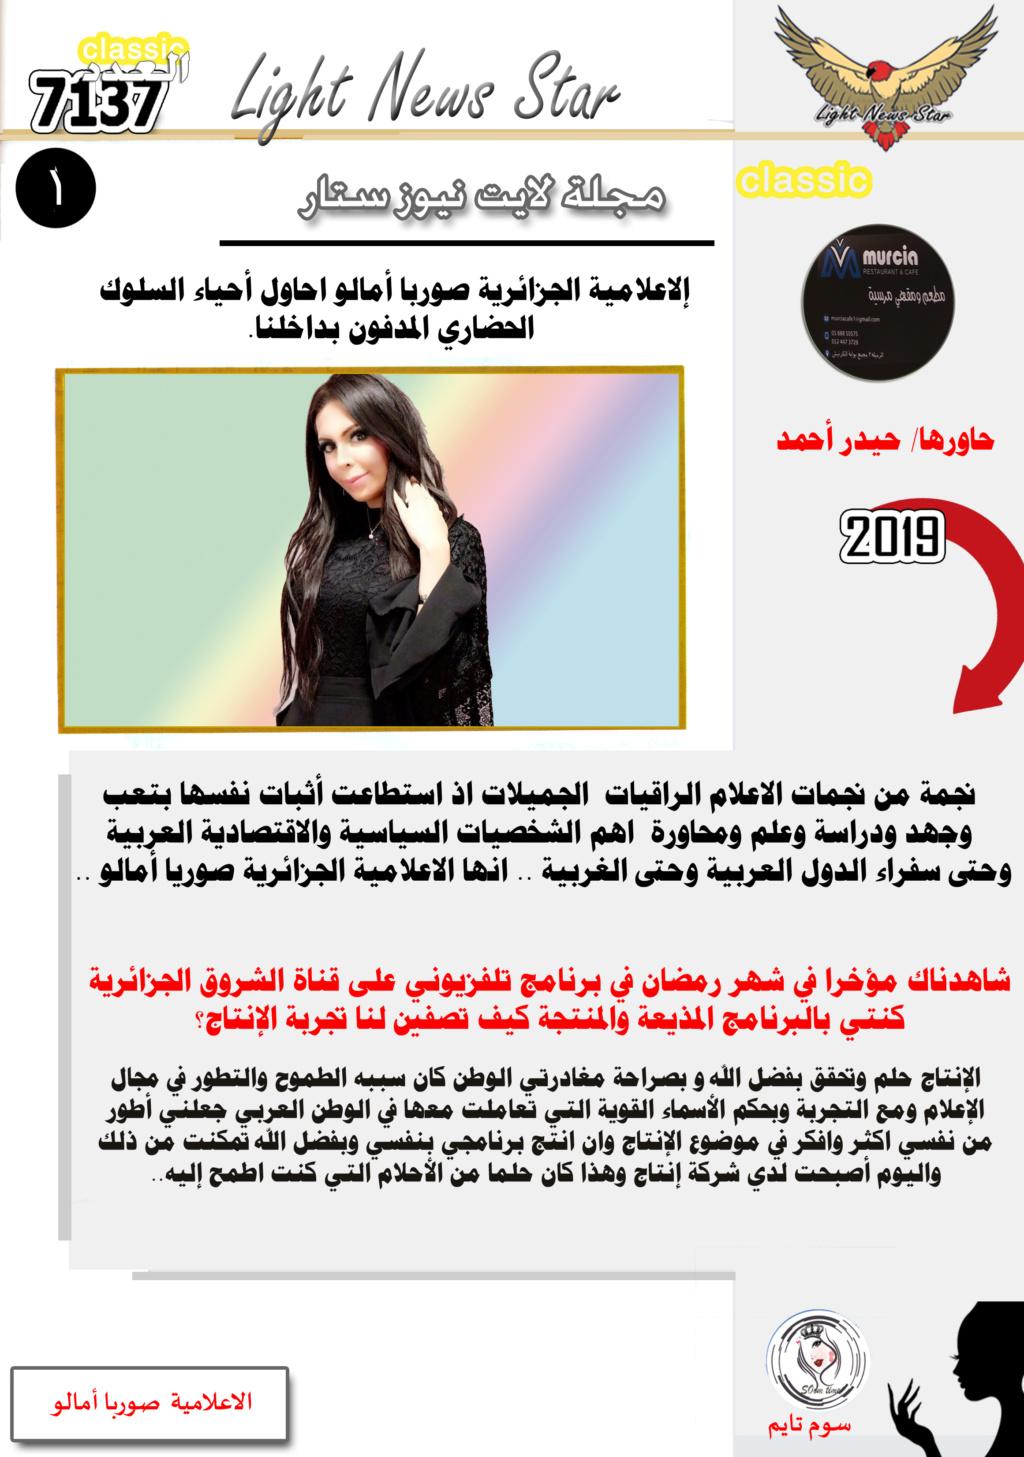 أخبار نجوم الفن والمشاهير 7137 light news star من المصدر l الاعلامية الجزائرية  صوريا أمالو الإعلام  اليوم في صراع صامت و سأرتبط بخيرة الرجال A119